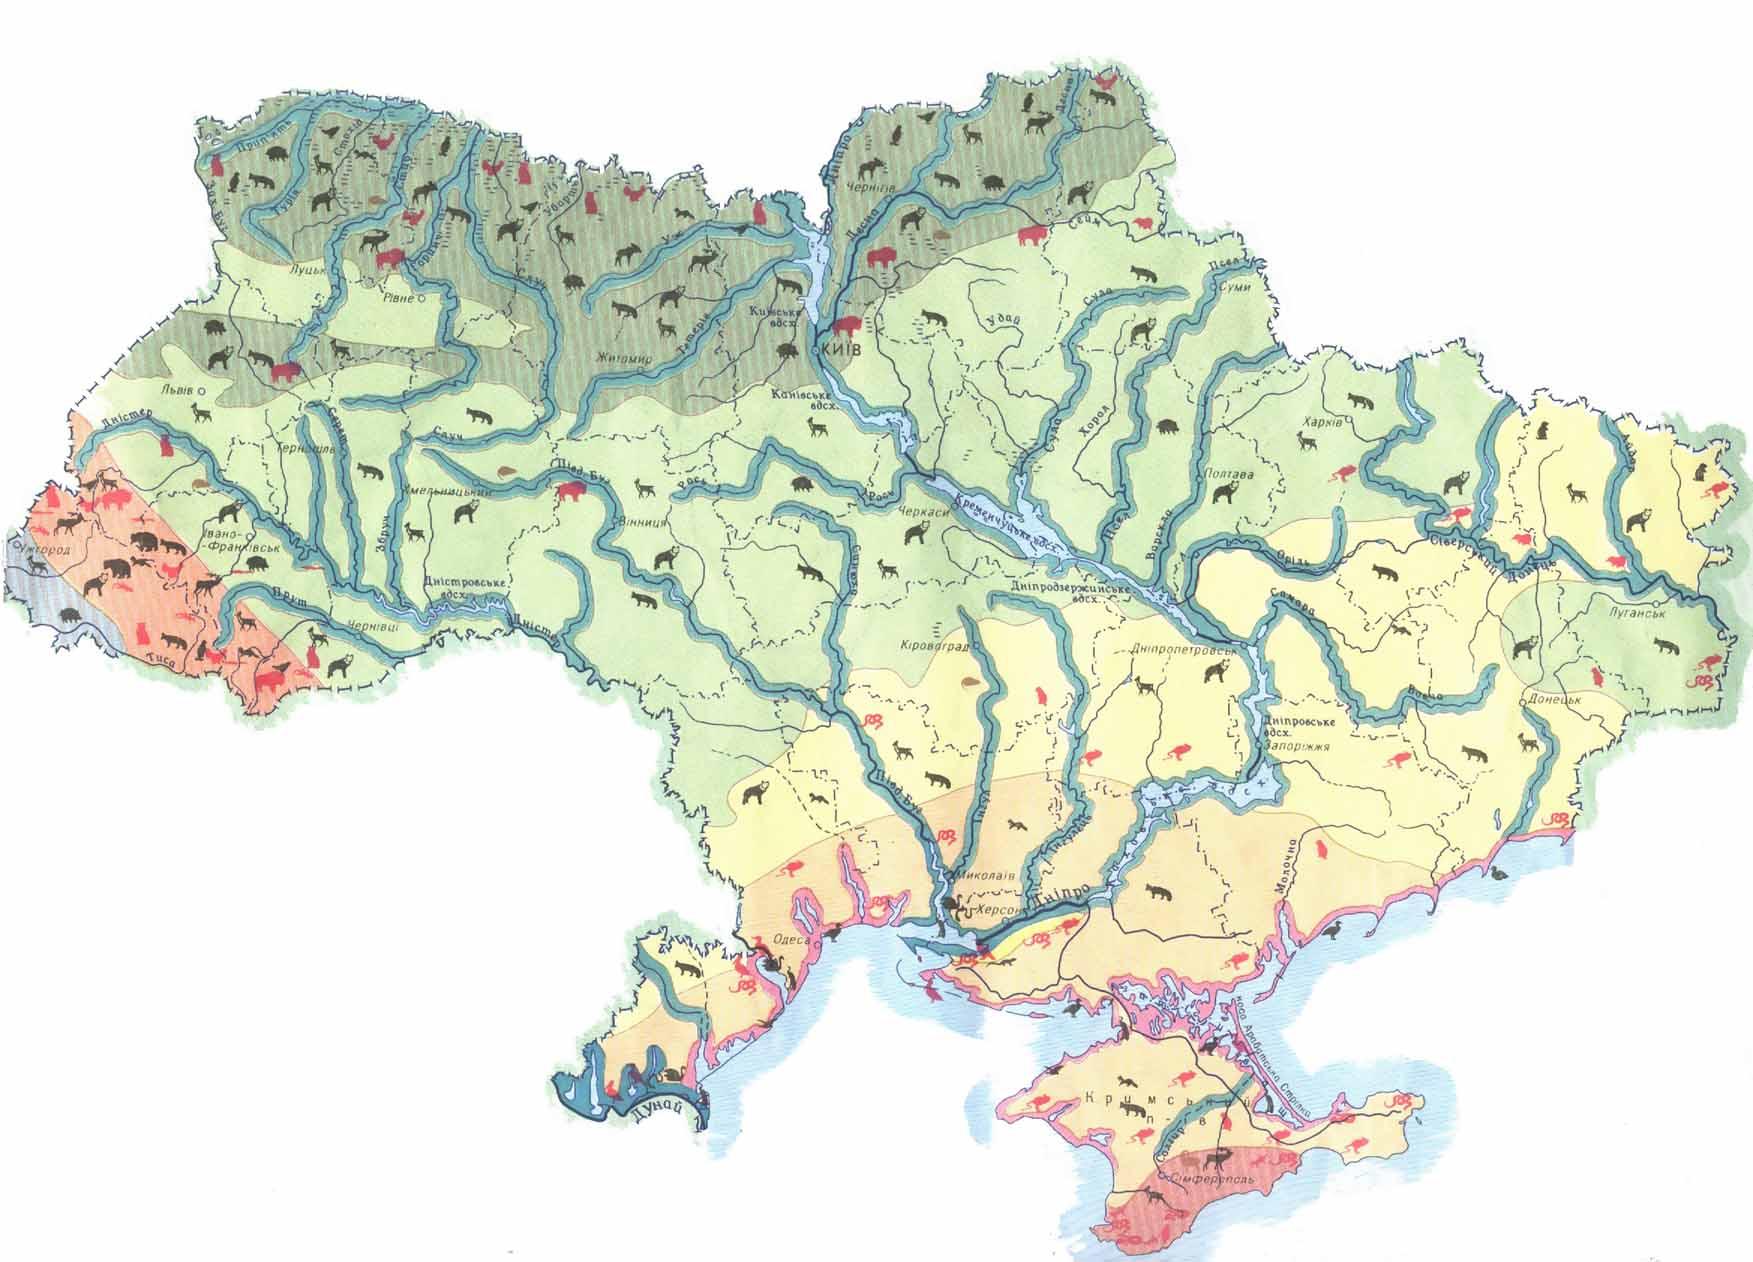 Карта распространения крупных животных по Украине